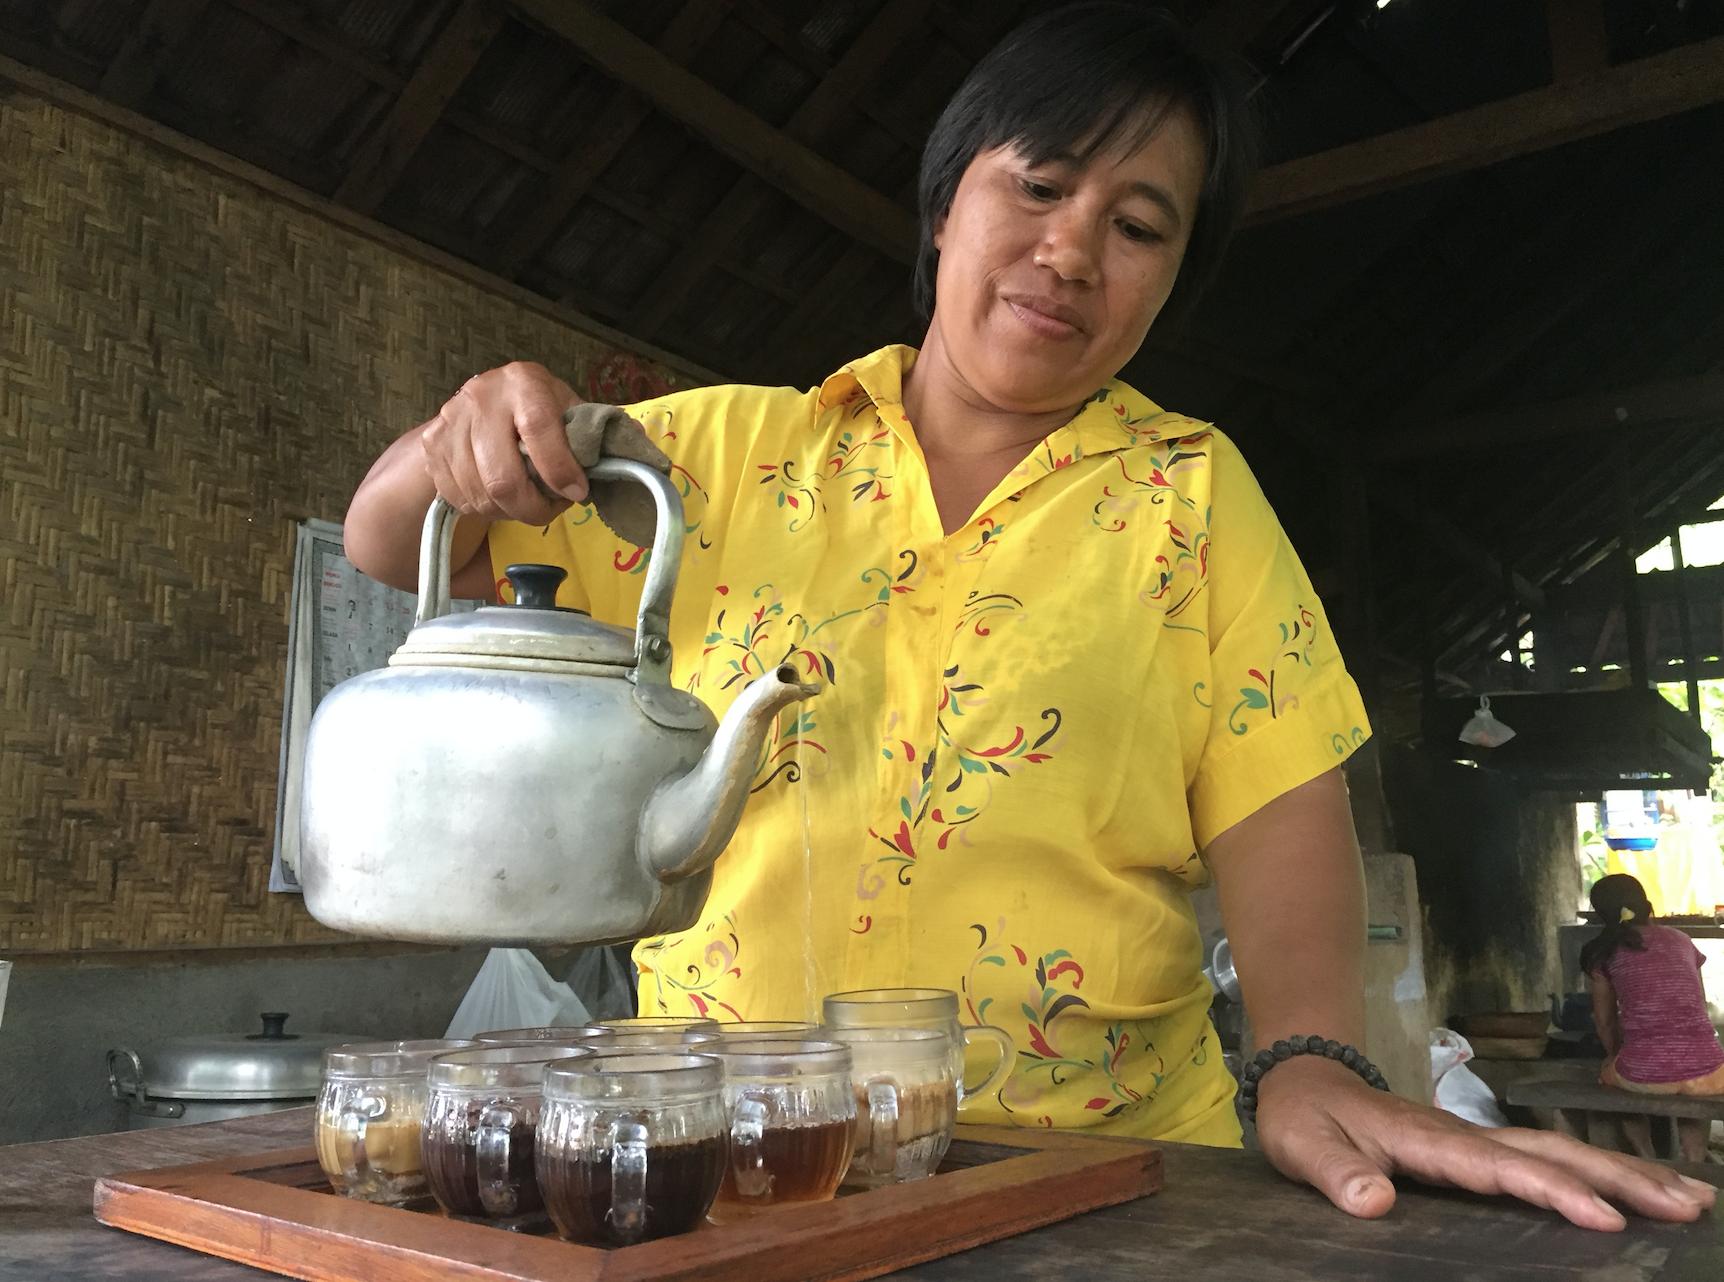 Ni sorter egenprodusert kaffe, te og kakao skjenkes til prøvesmaking.